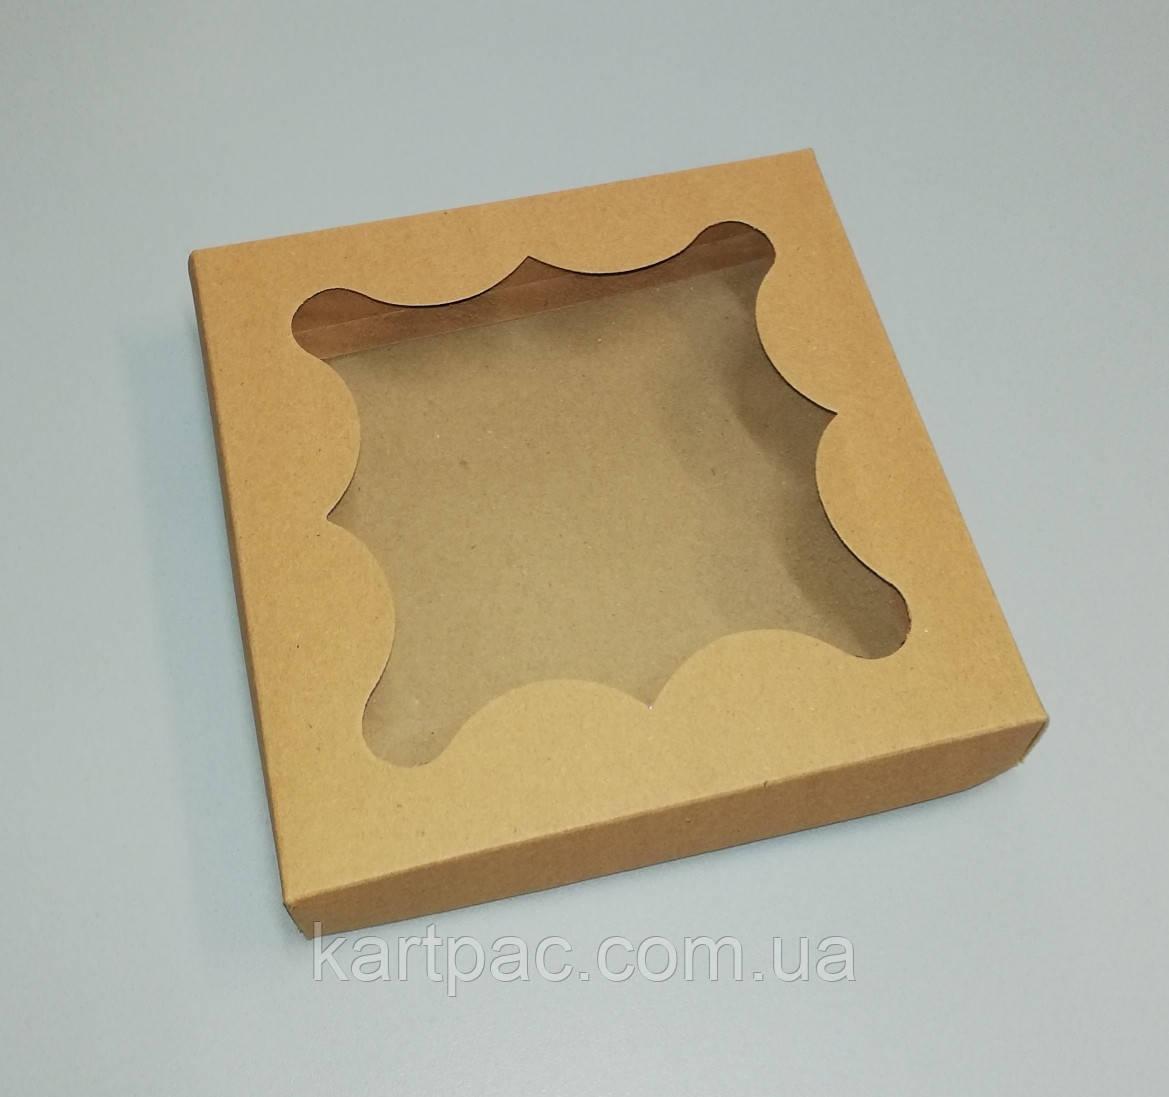 Упаковка для пряников бурая 155*155*30